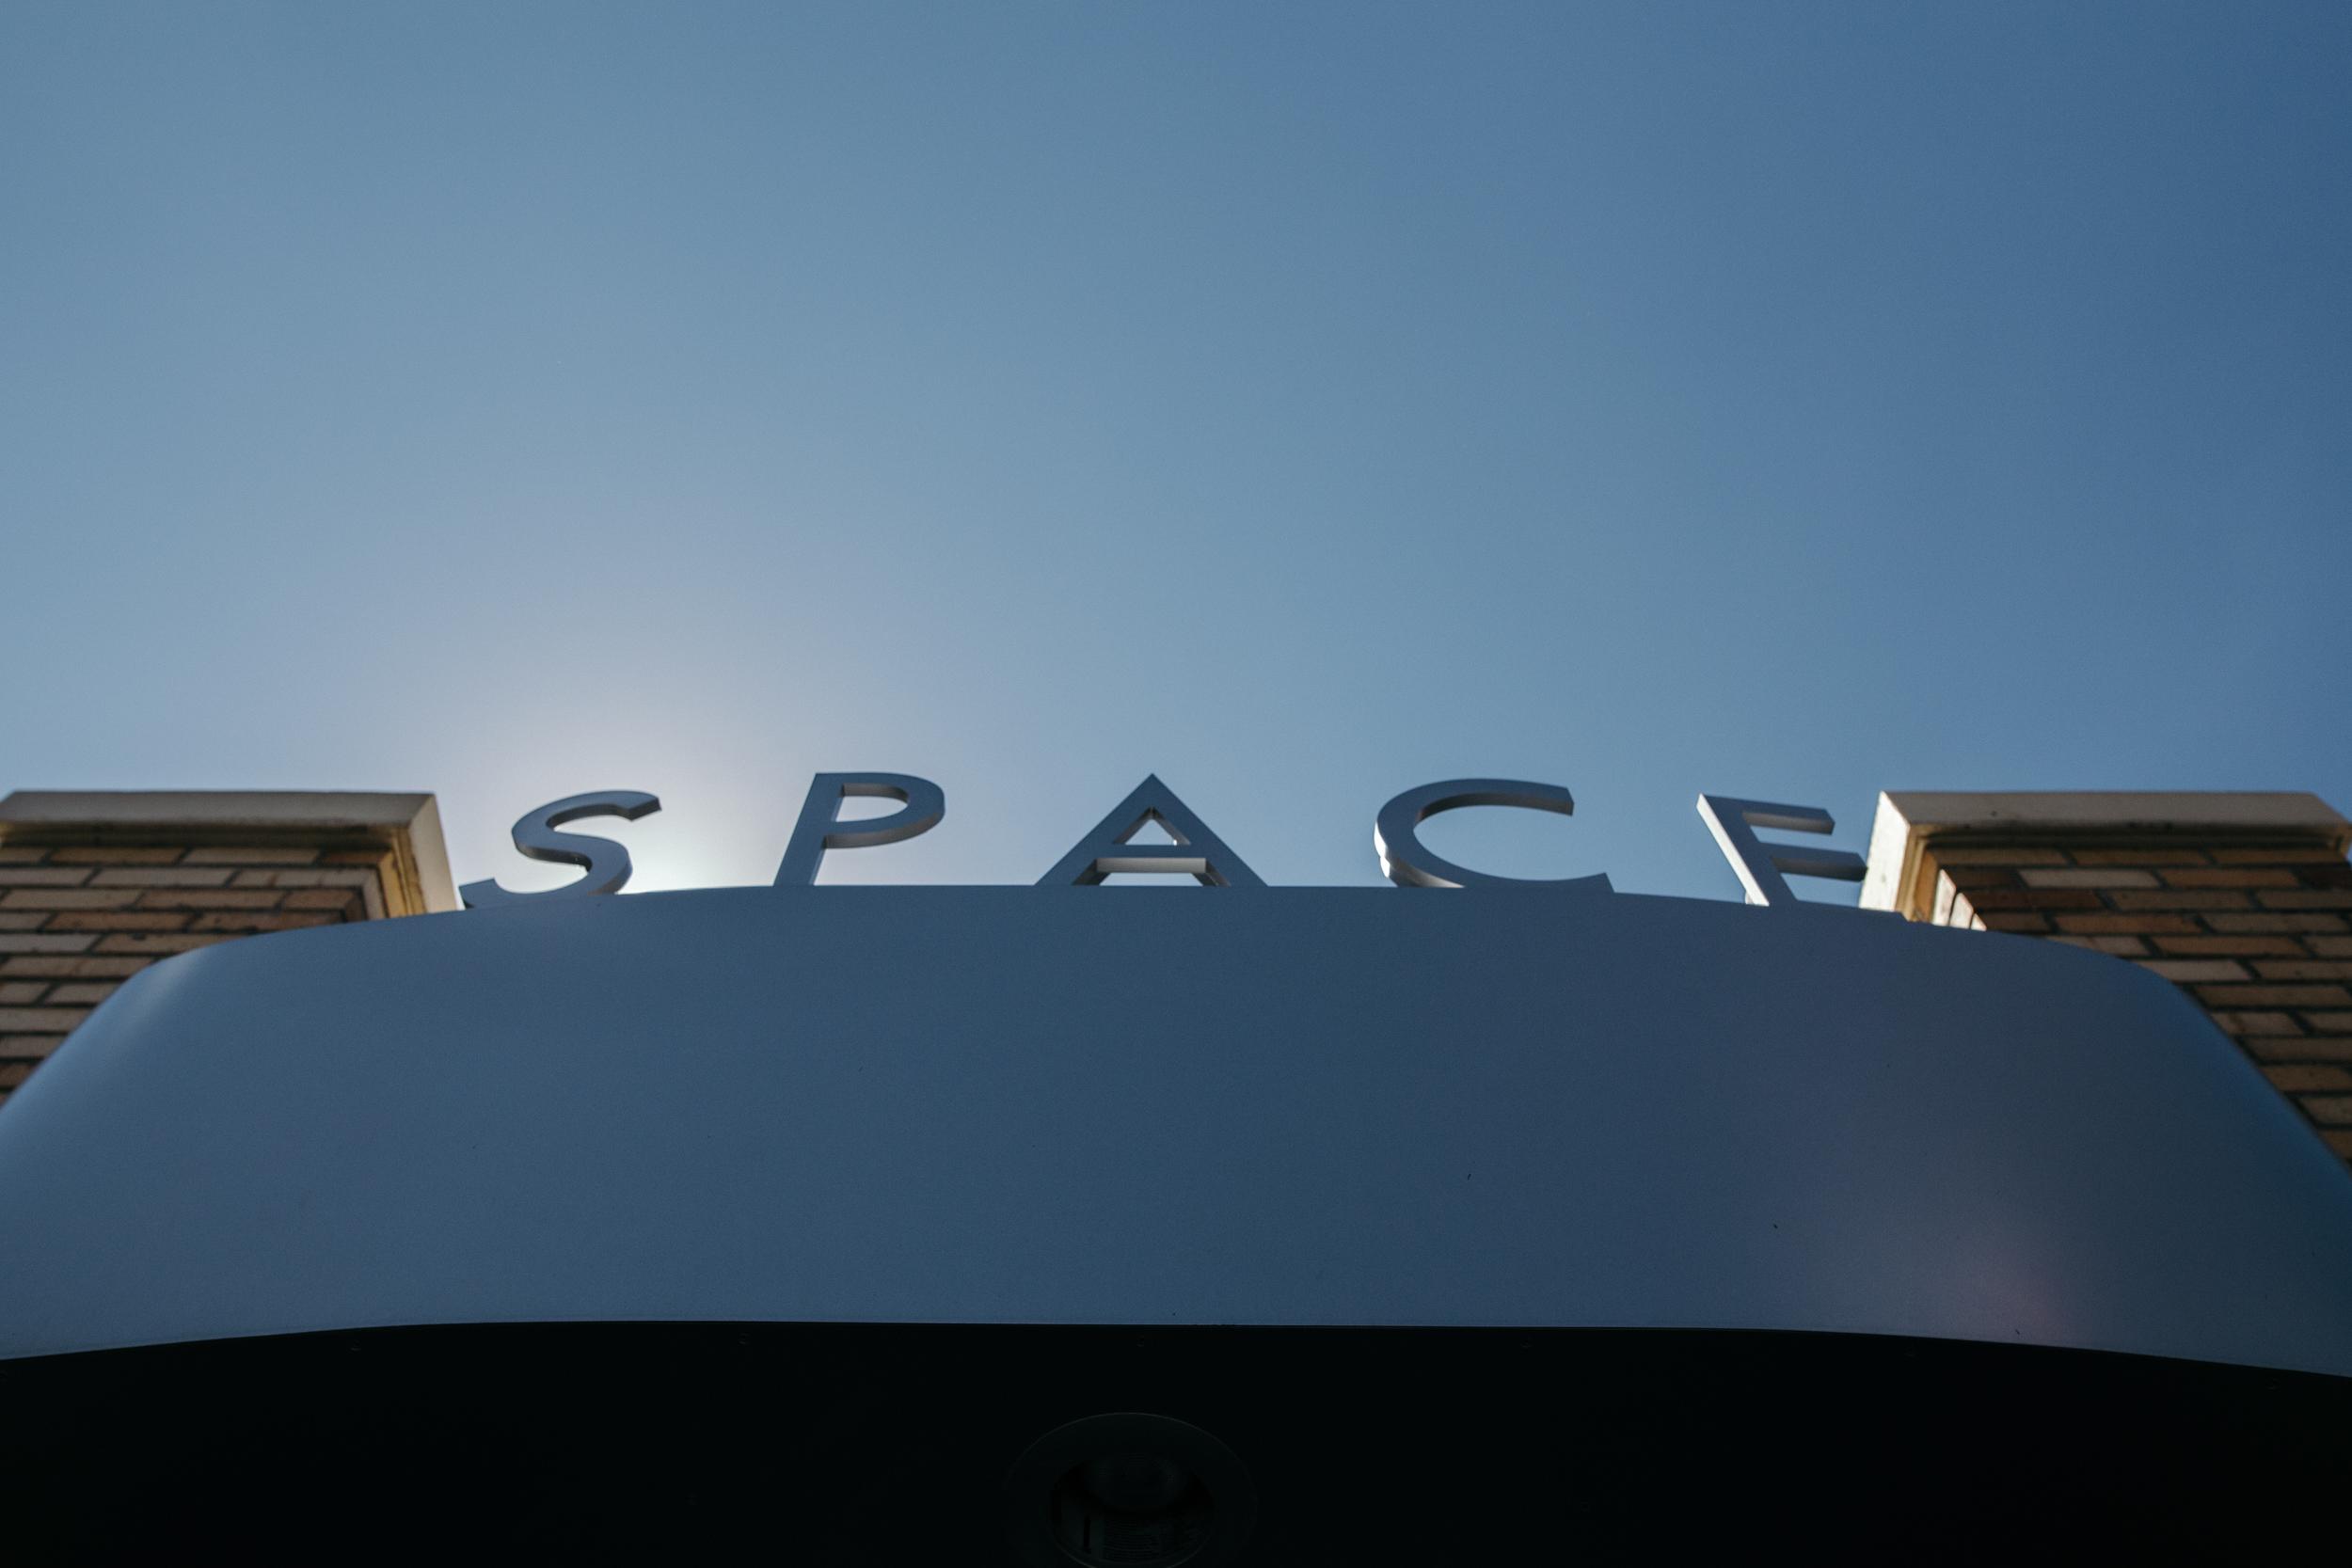 Space architecture design